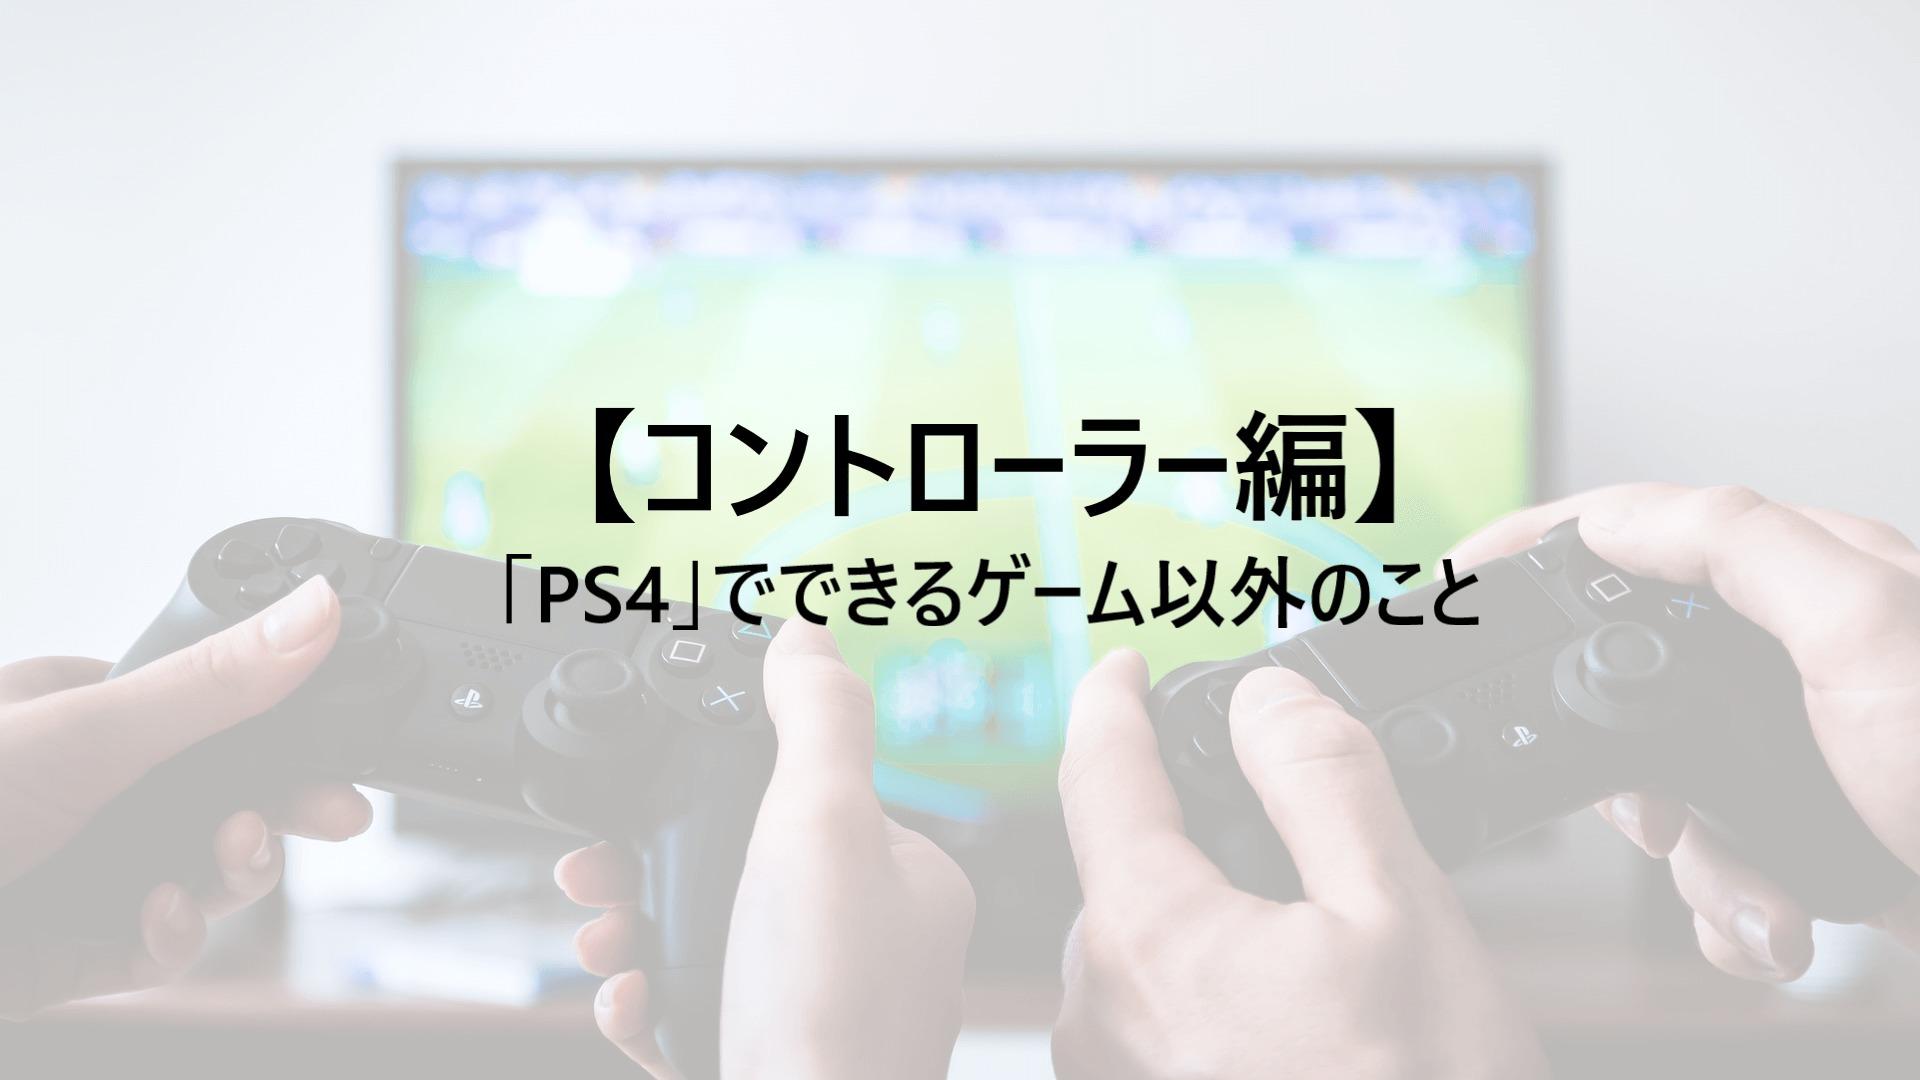 「PS4」でできるゲーム以外のこと【コントローラー編】